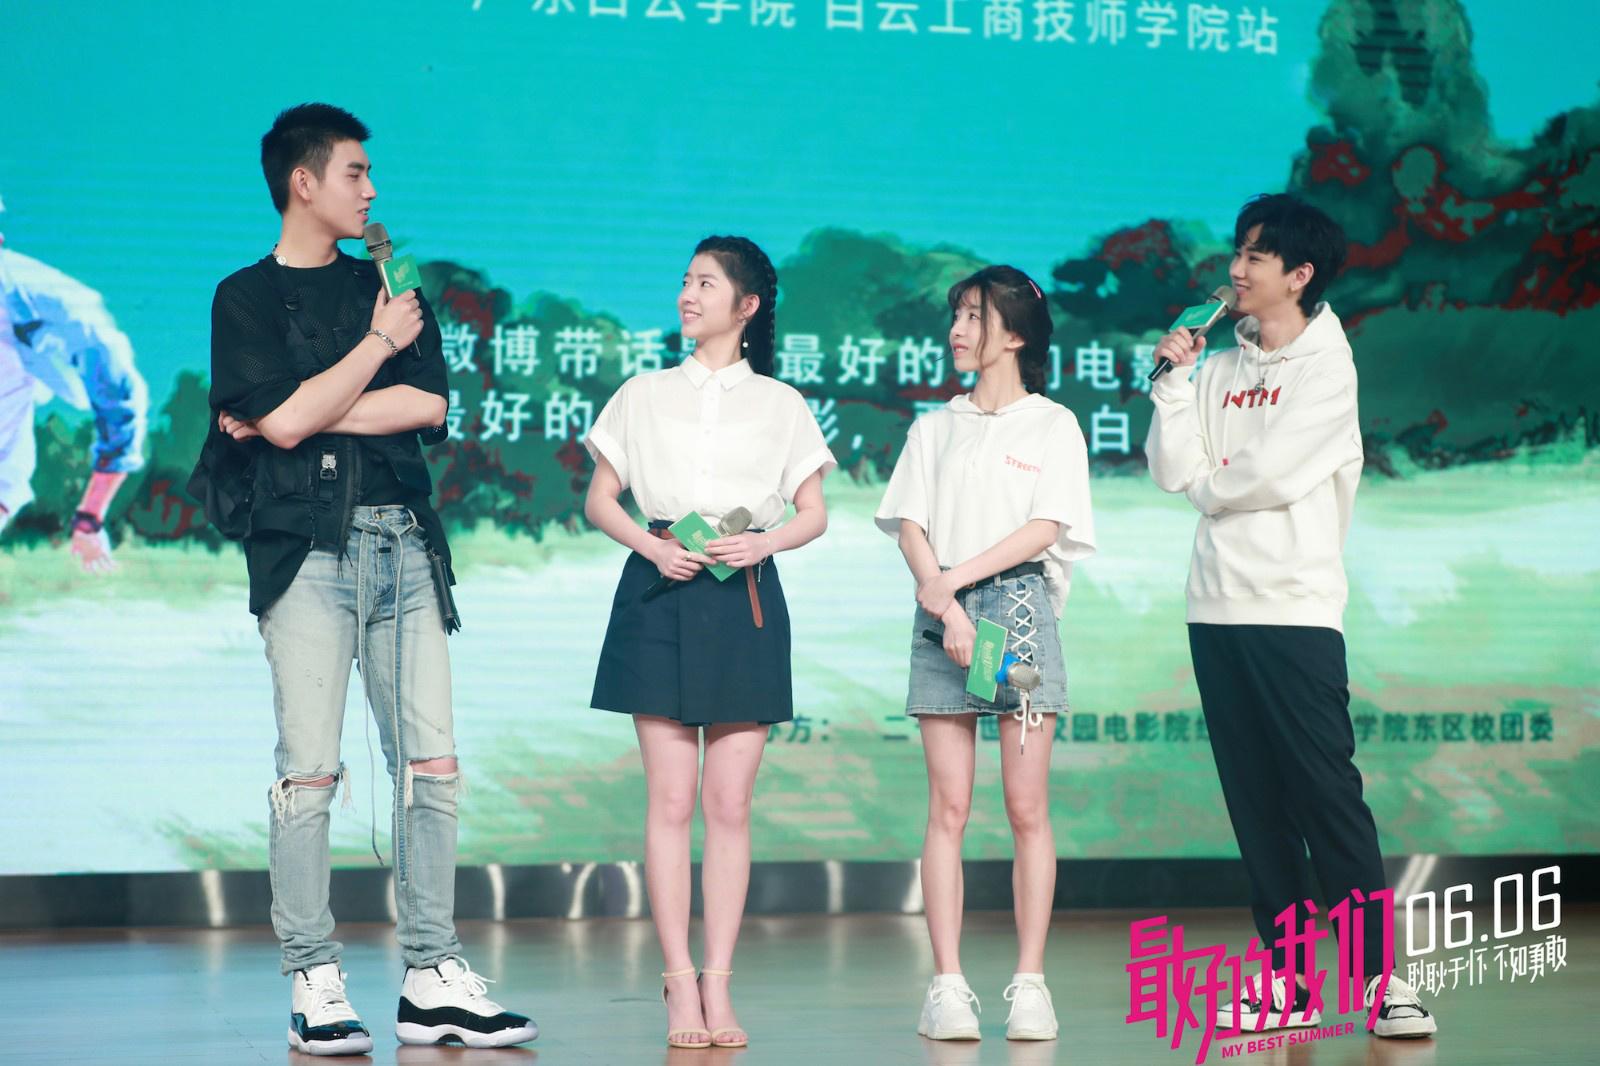 http://www.astonglobal.net/shehui/583680.html